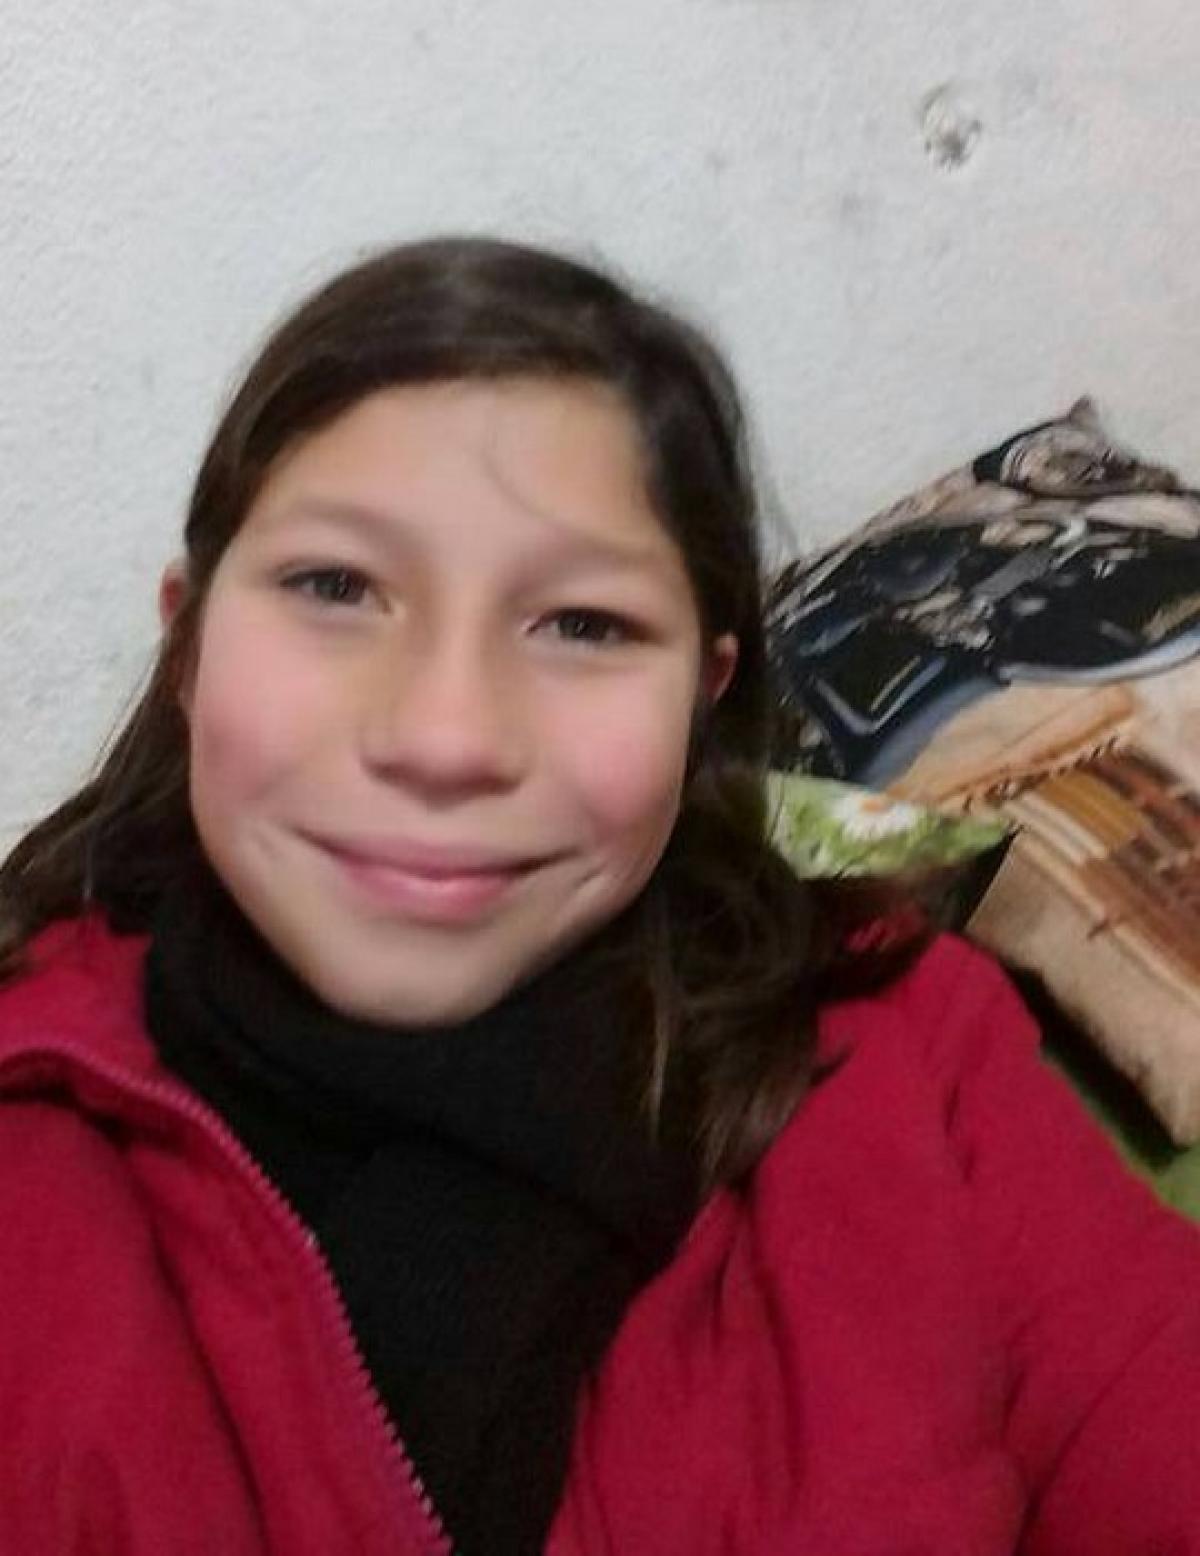 【閲覧注意】ブラジルの12歳少女、彼氏(16)と一緒に実の母親を・・・・・(画像)・1枚目